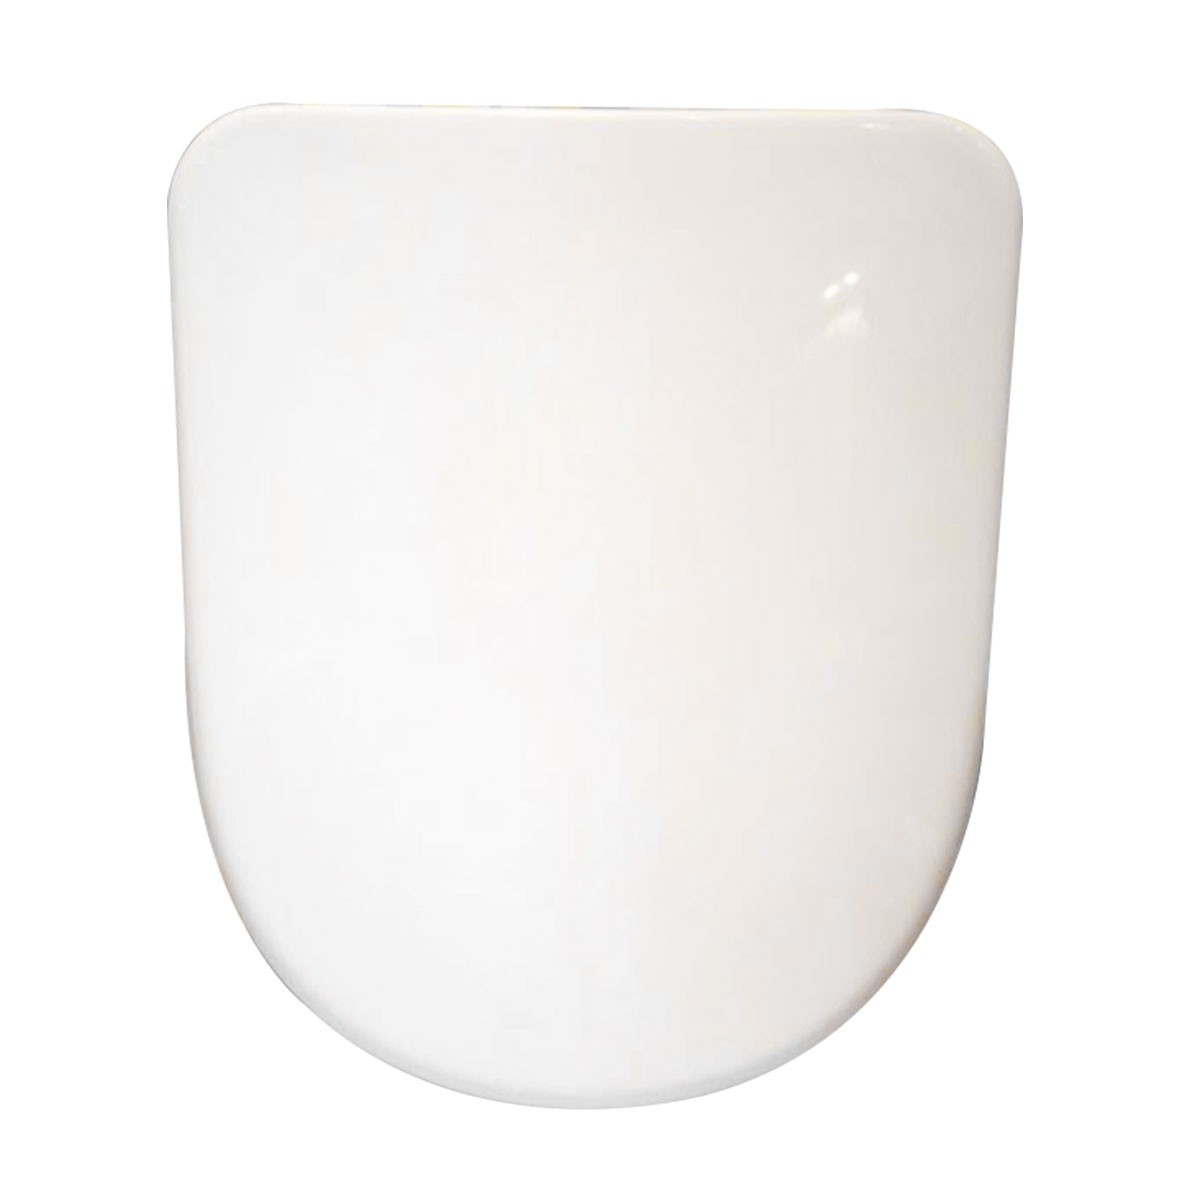 Siège de Toilette Blanc à Fermeture Douce avec Couvercle en PP (DK-CL-040)